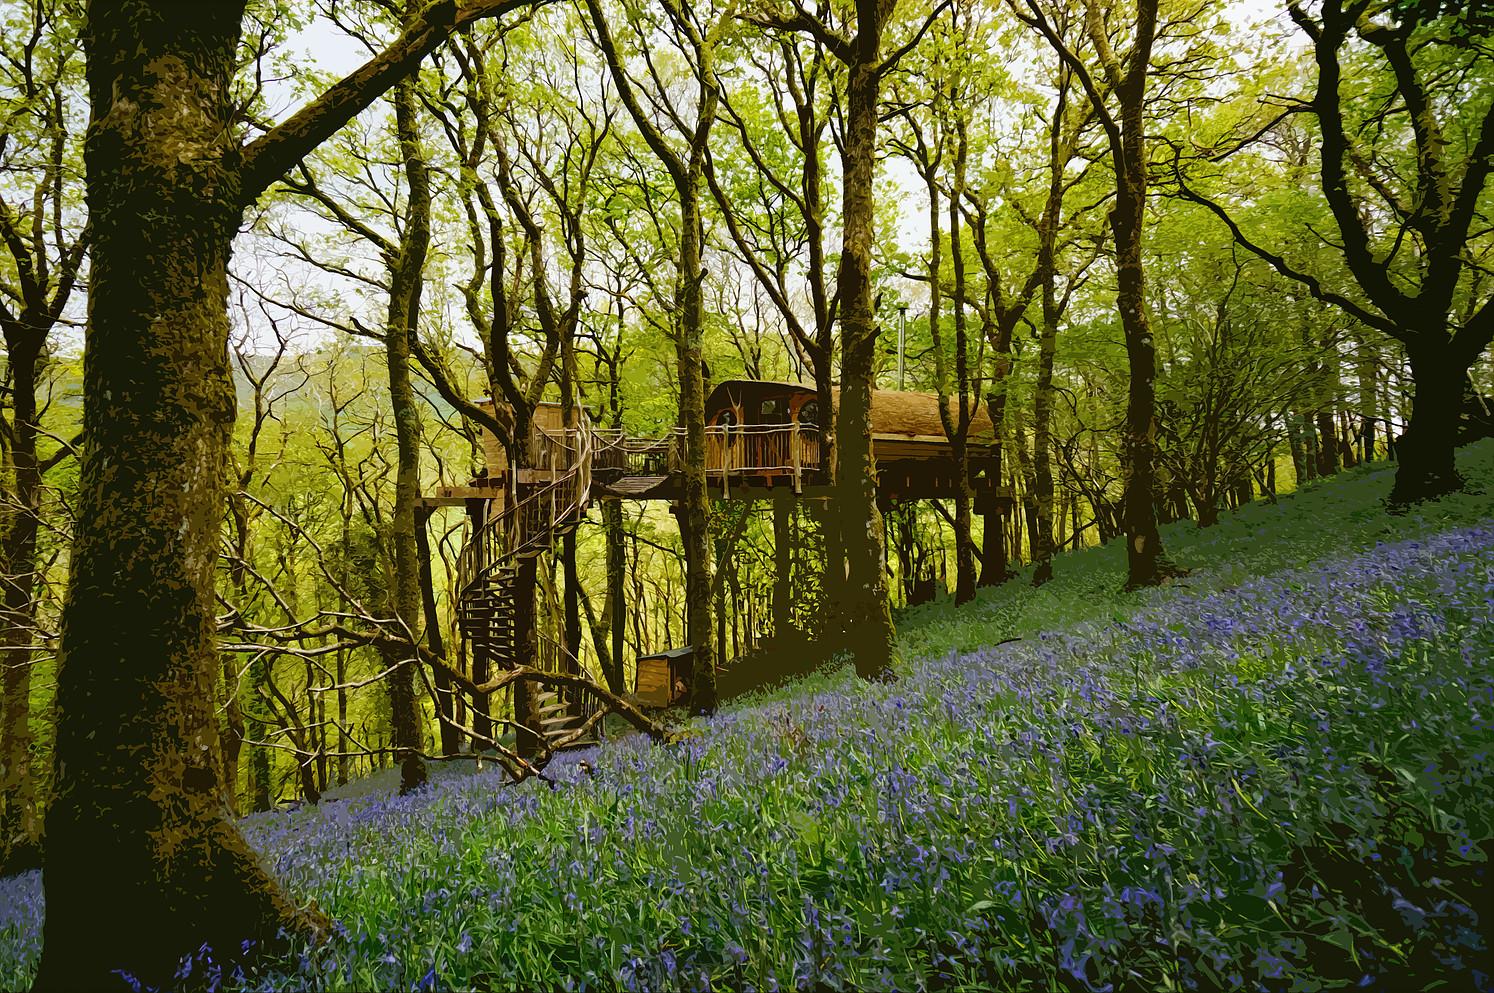 Tree house Wales, unusual sleepover ideas, Living-room.co